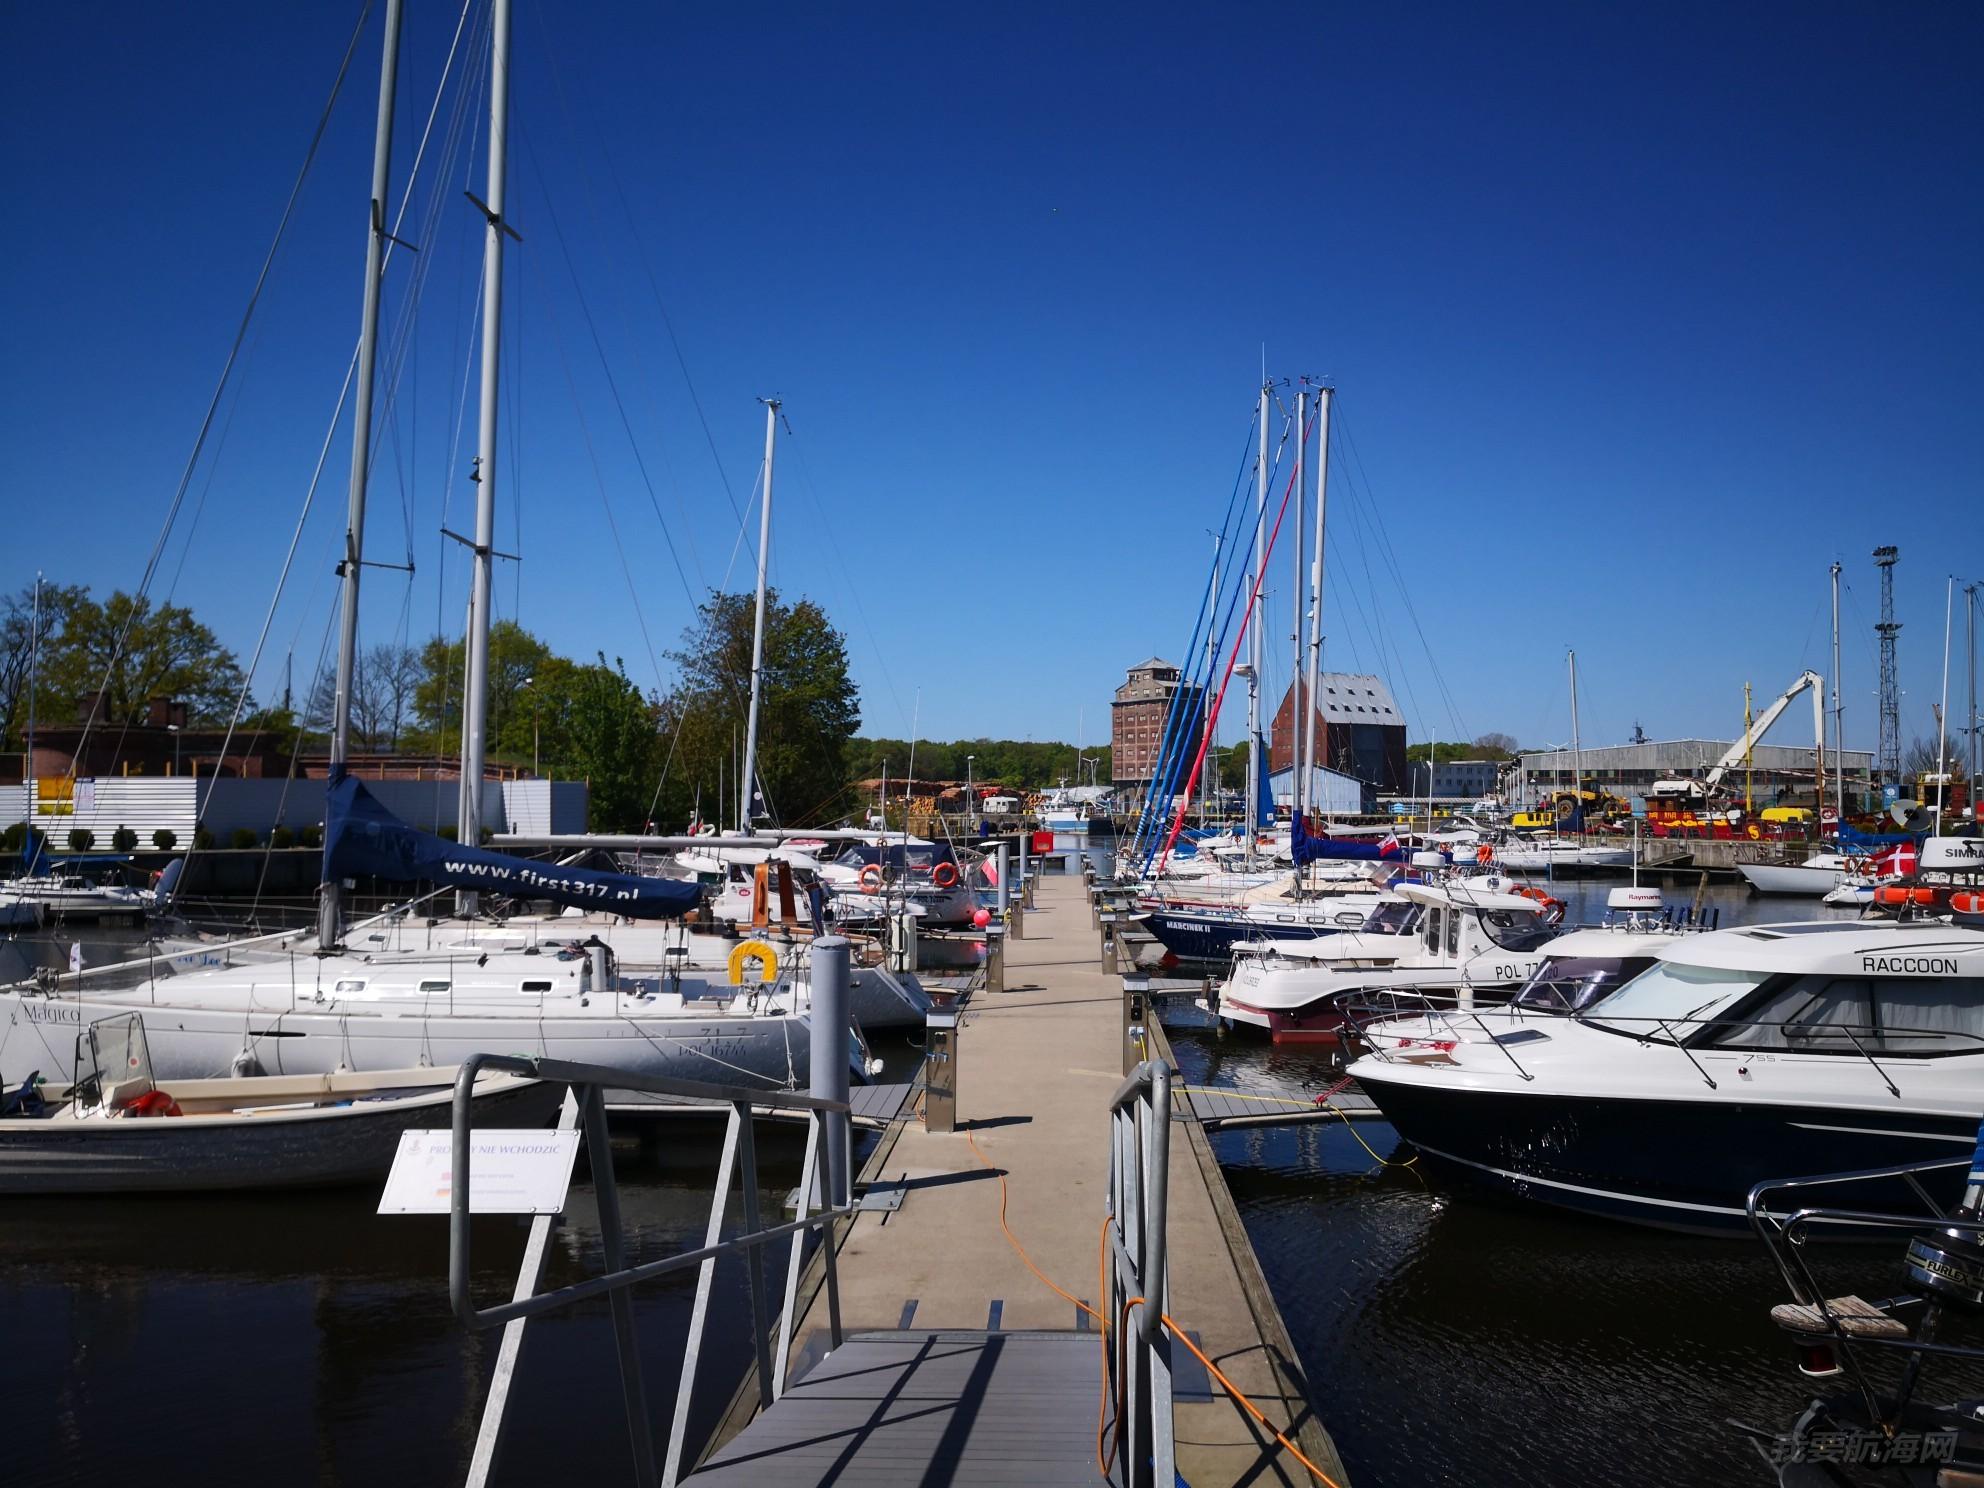 帆船港见闻之波兰北部波罗的海沿岸城市KOLOBRZEG 的SOLNA 帆船港。